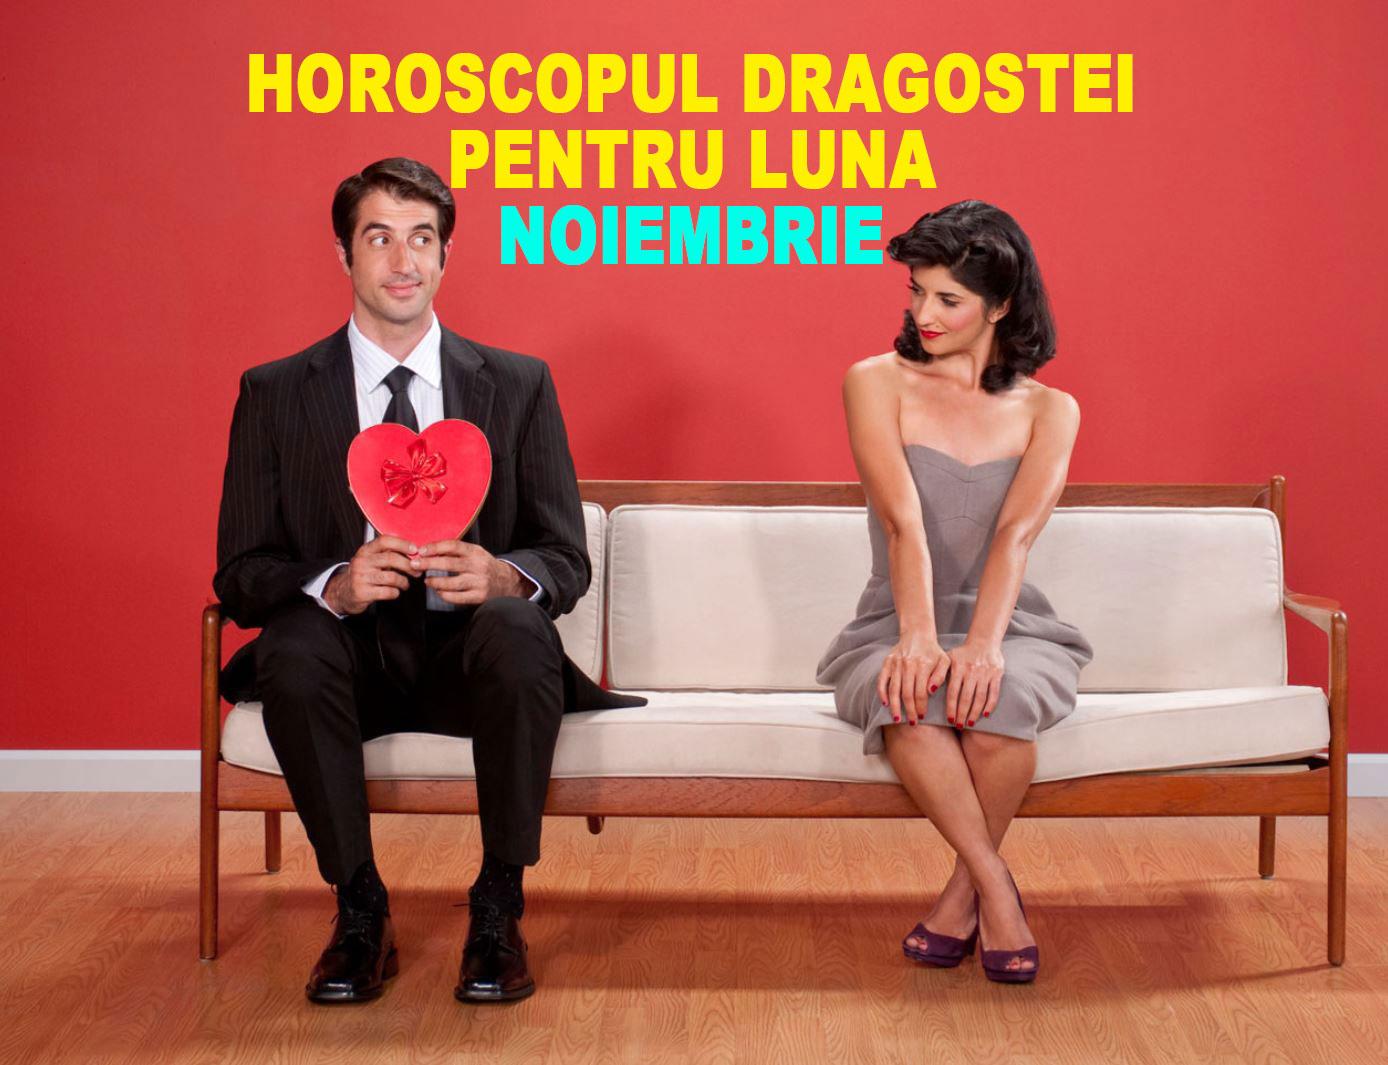 Horoscopul dragostei pentru luna Noiembrie 2019